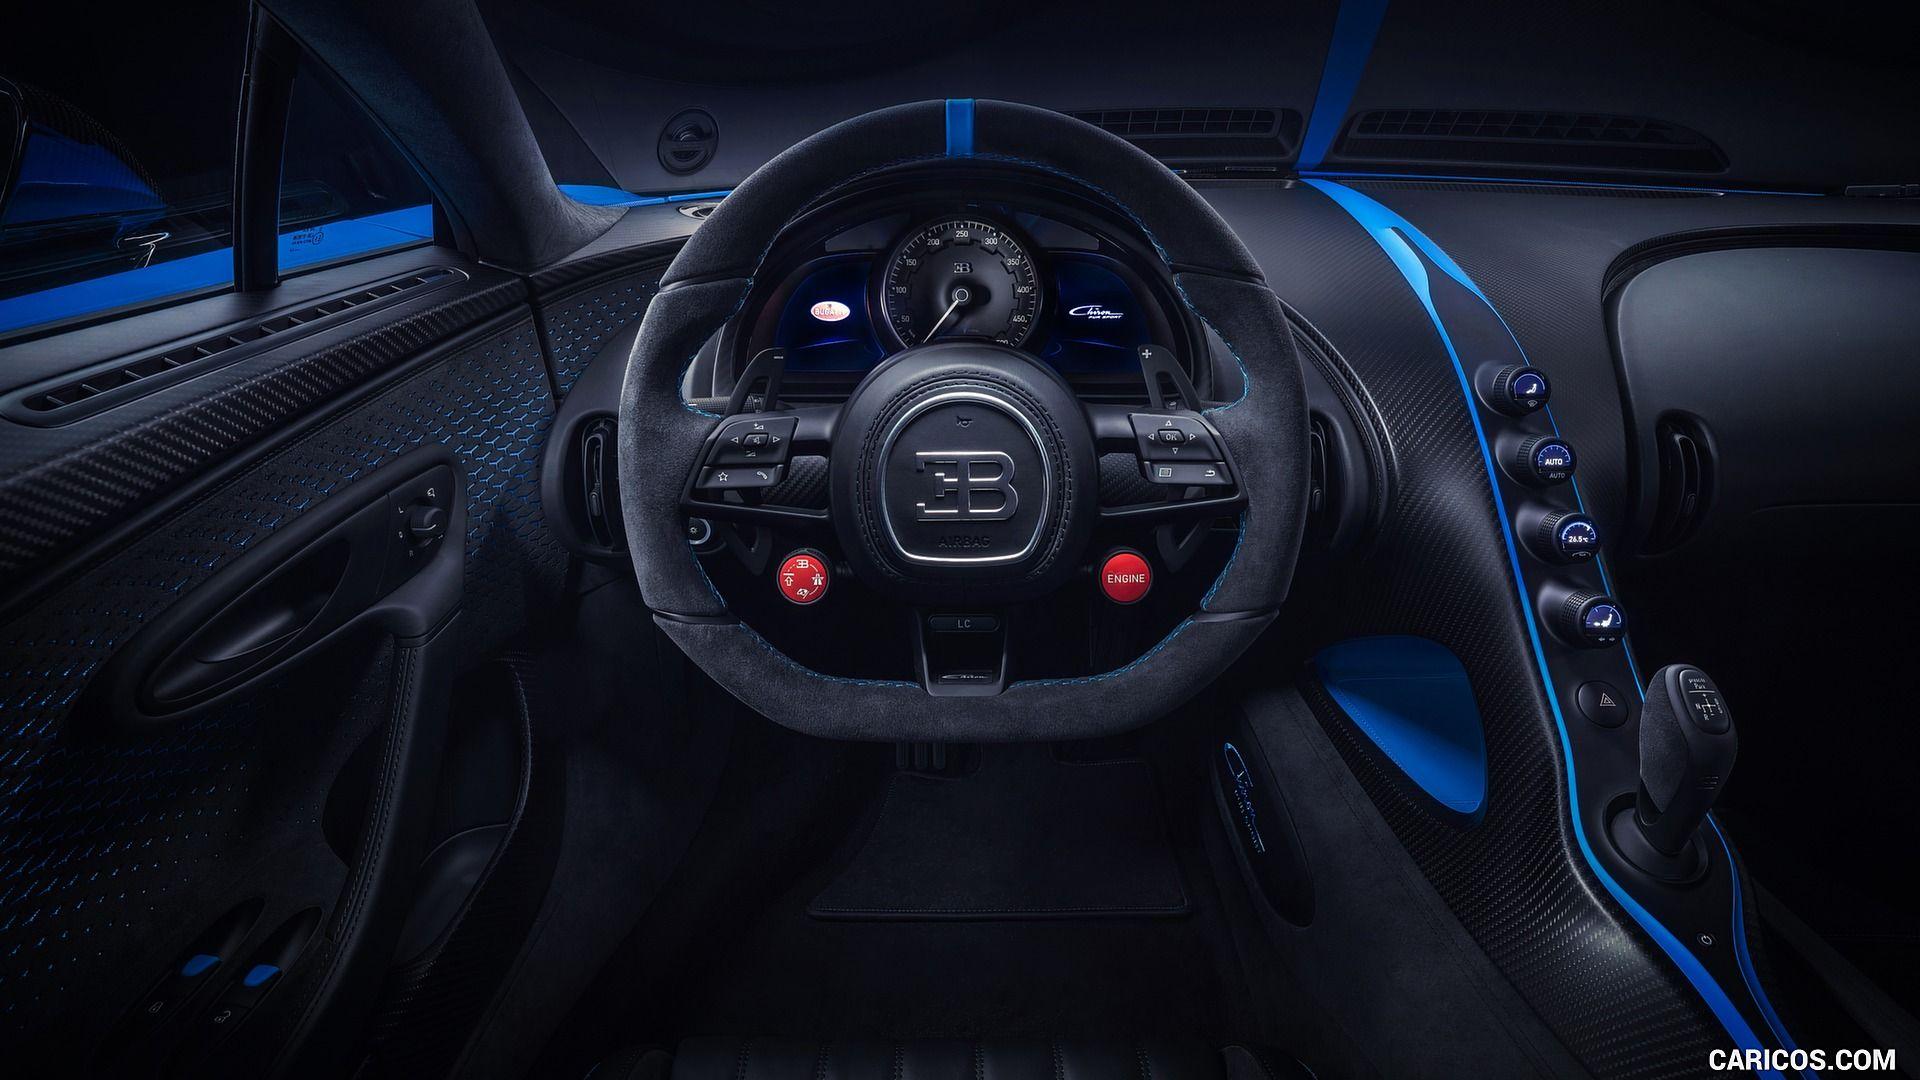 Https Www Caricos Com Cars B Bugatti 2021 Bugatti Chiron Pur Sport Images 36 Html Bugatti Chiron Bugatti New Bugatti Chiron